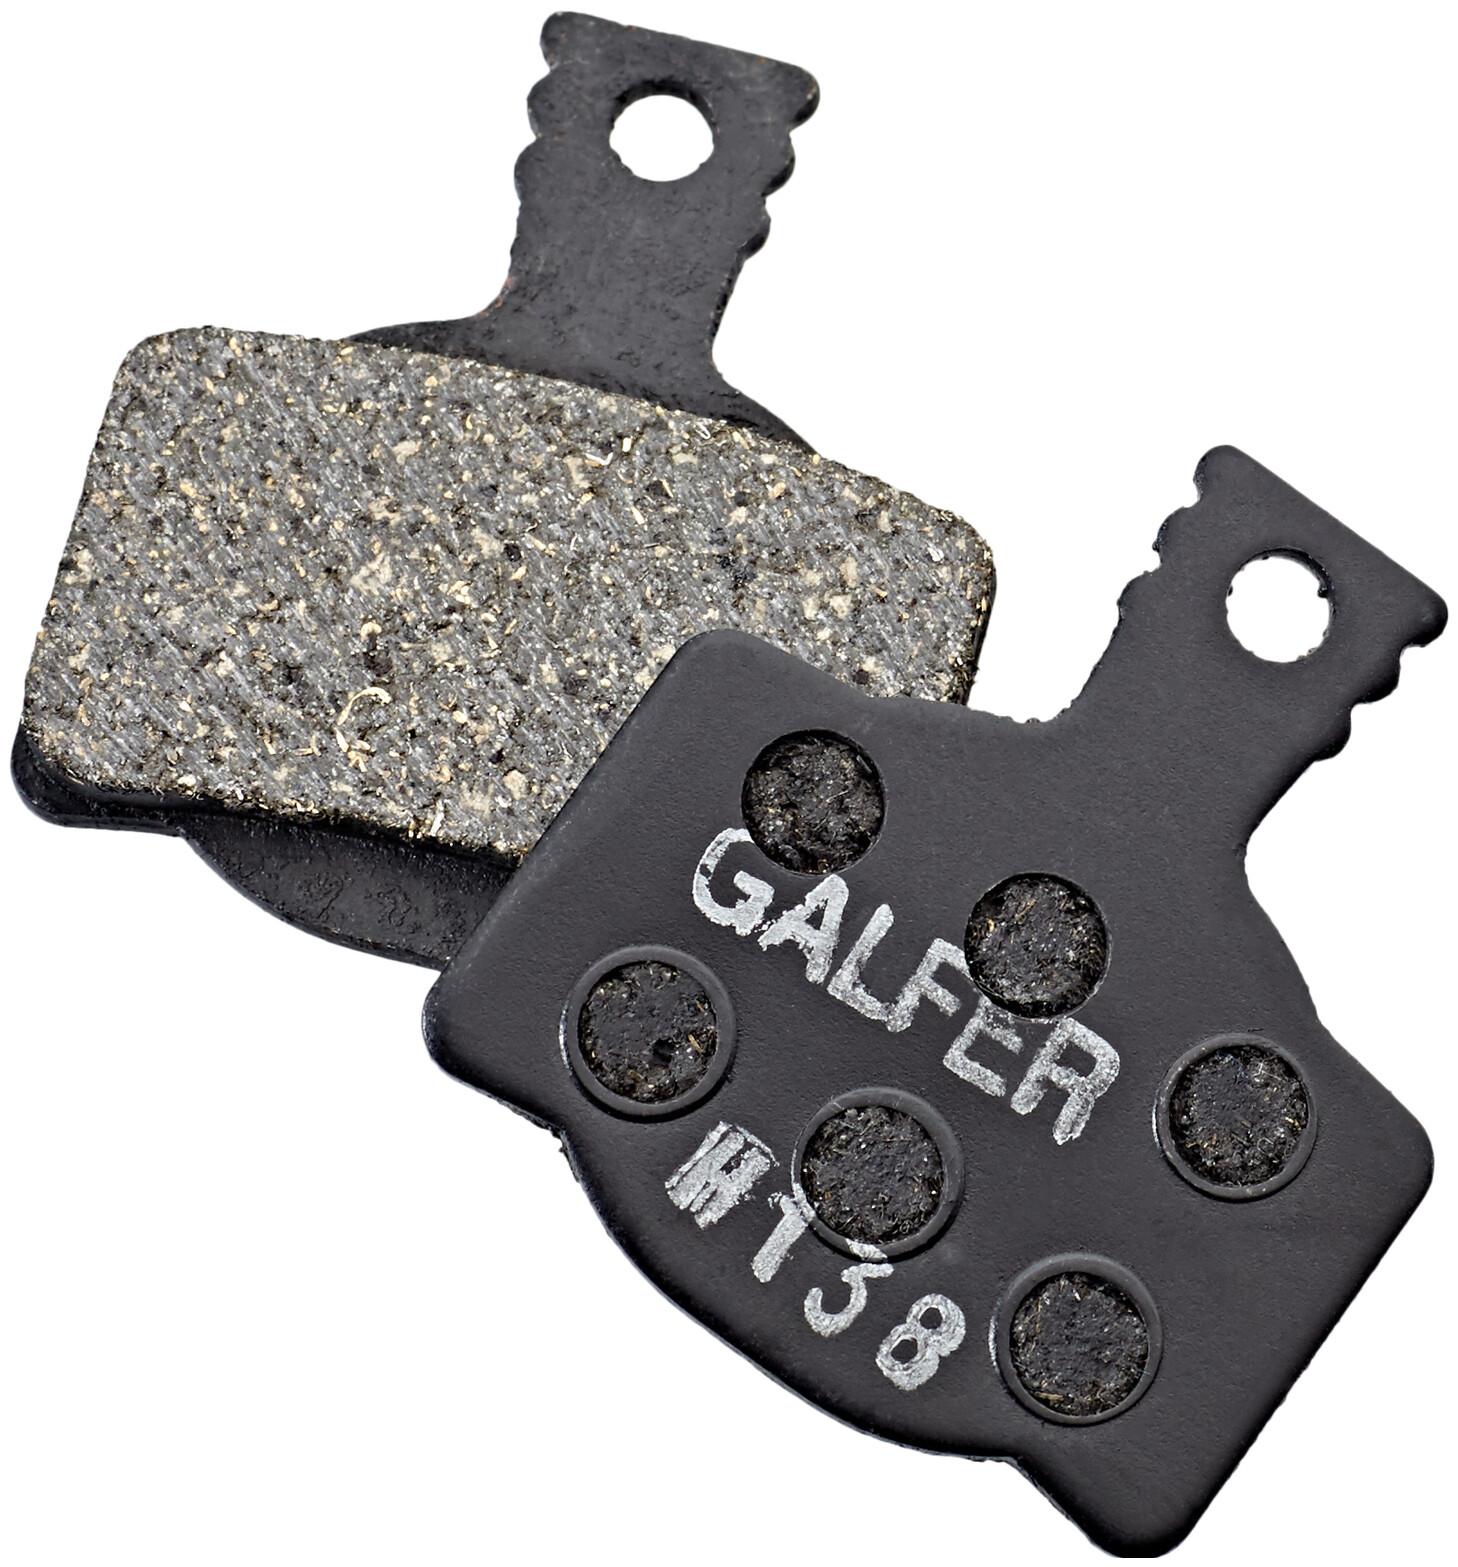 GALFER BIKE Standard Bremsebelægninger, magura mt2,mt4,mt6,mt8,mts (2019)   Brake pads